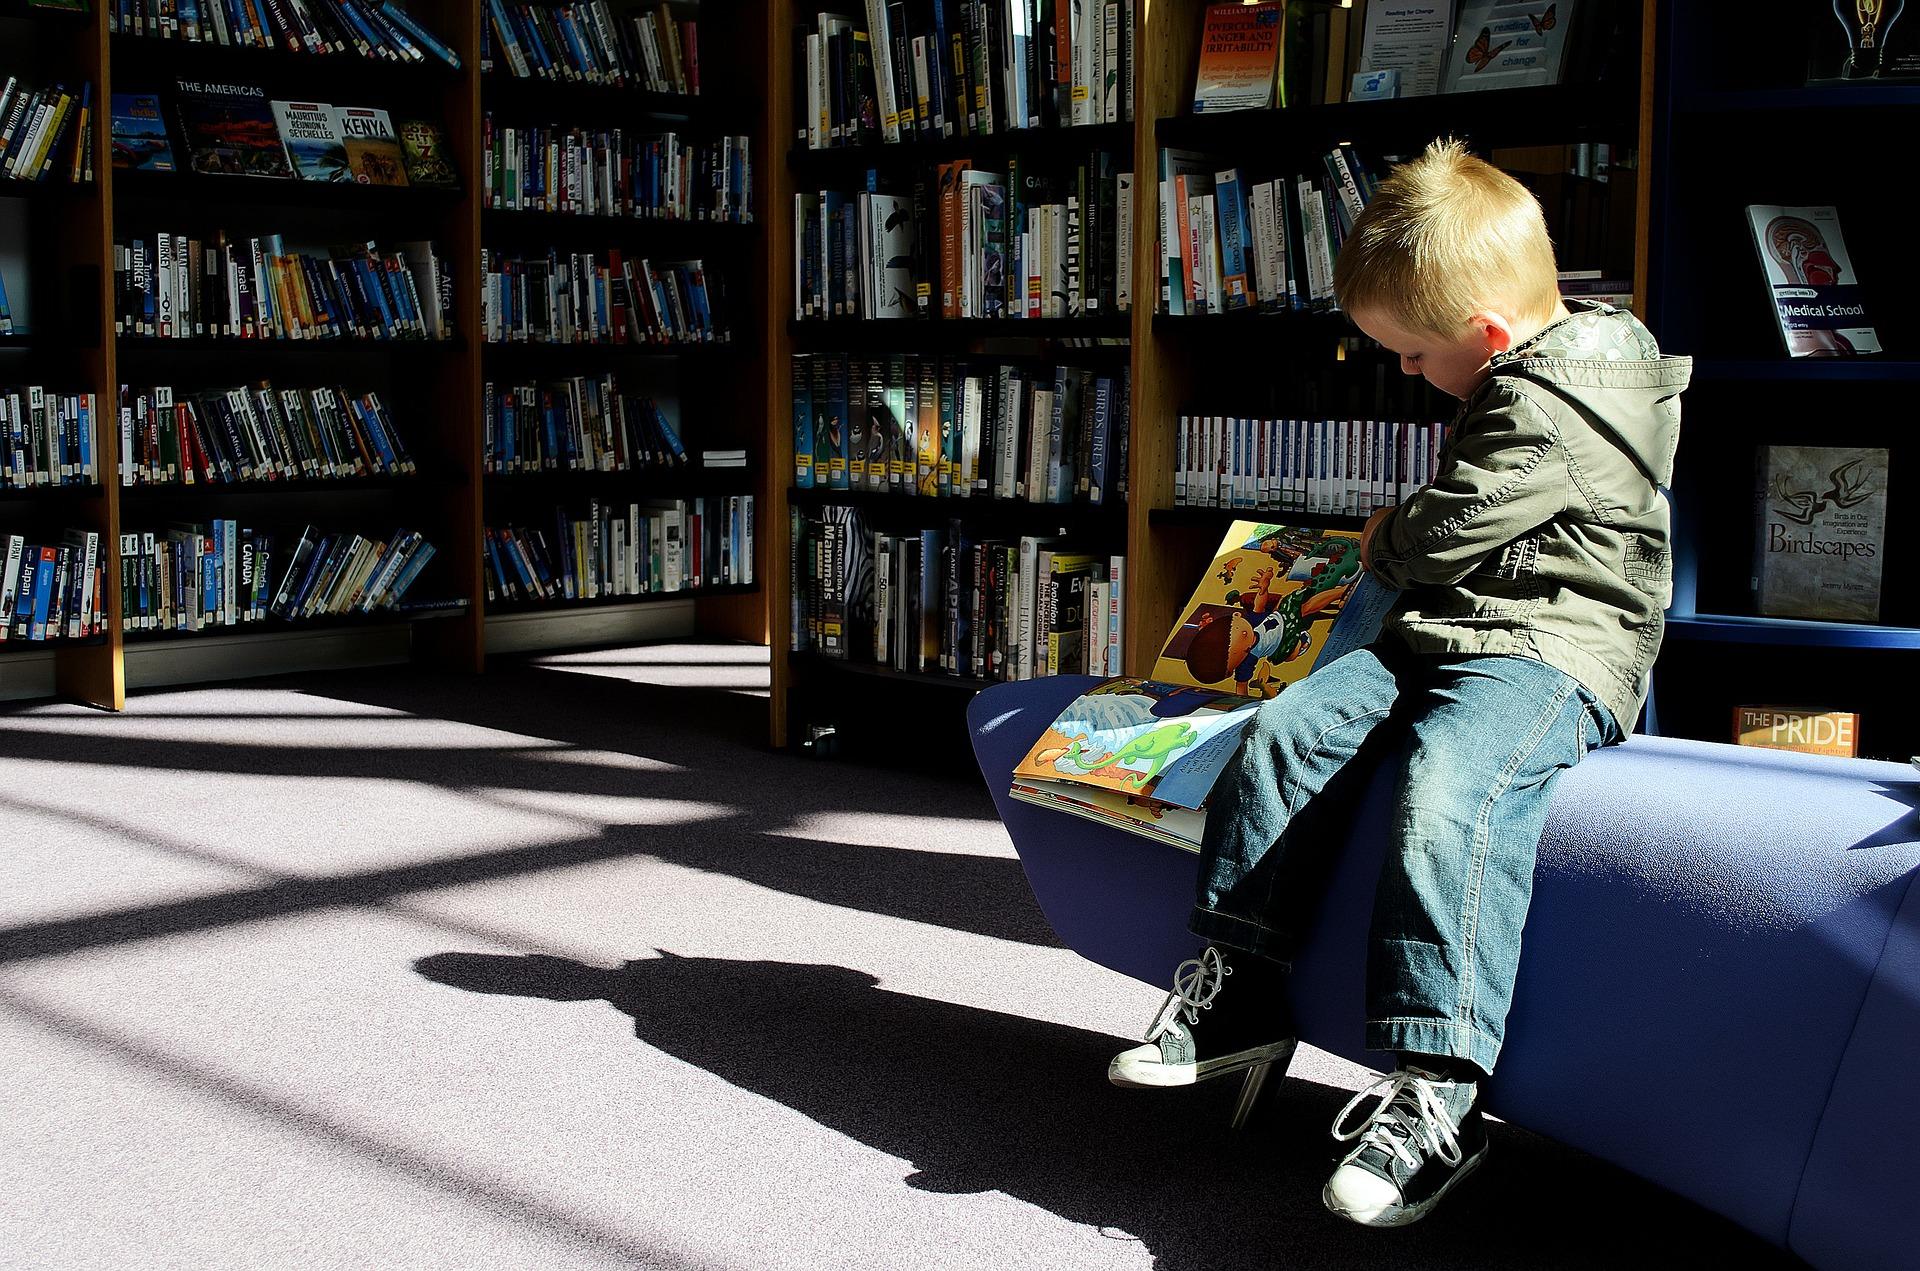 Reducir la brecha social con la lectura.